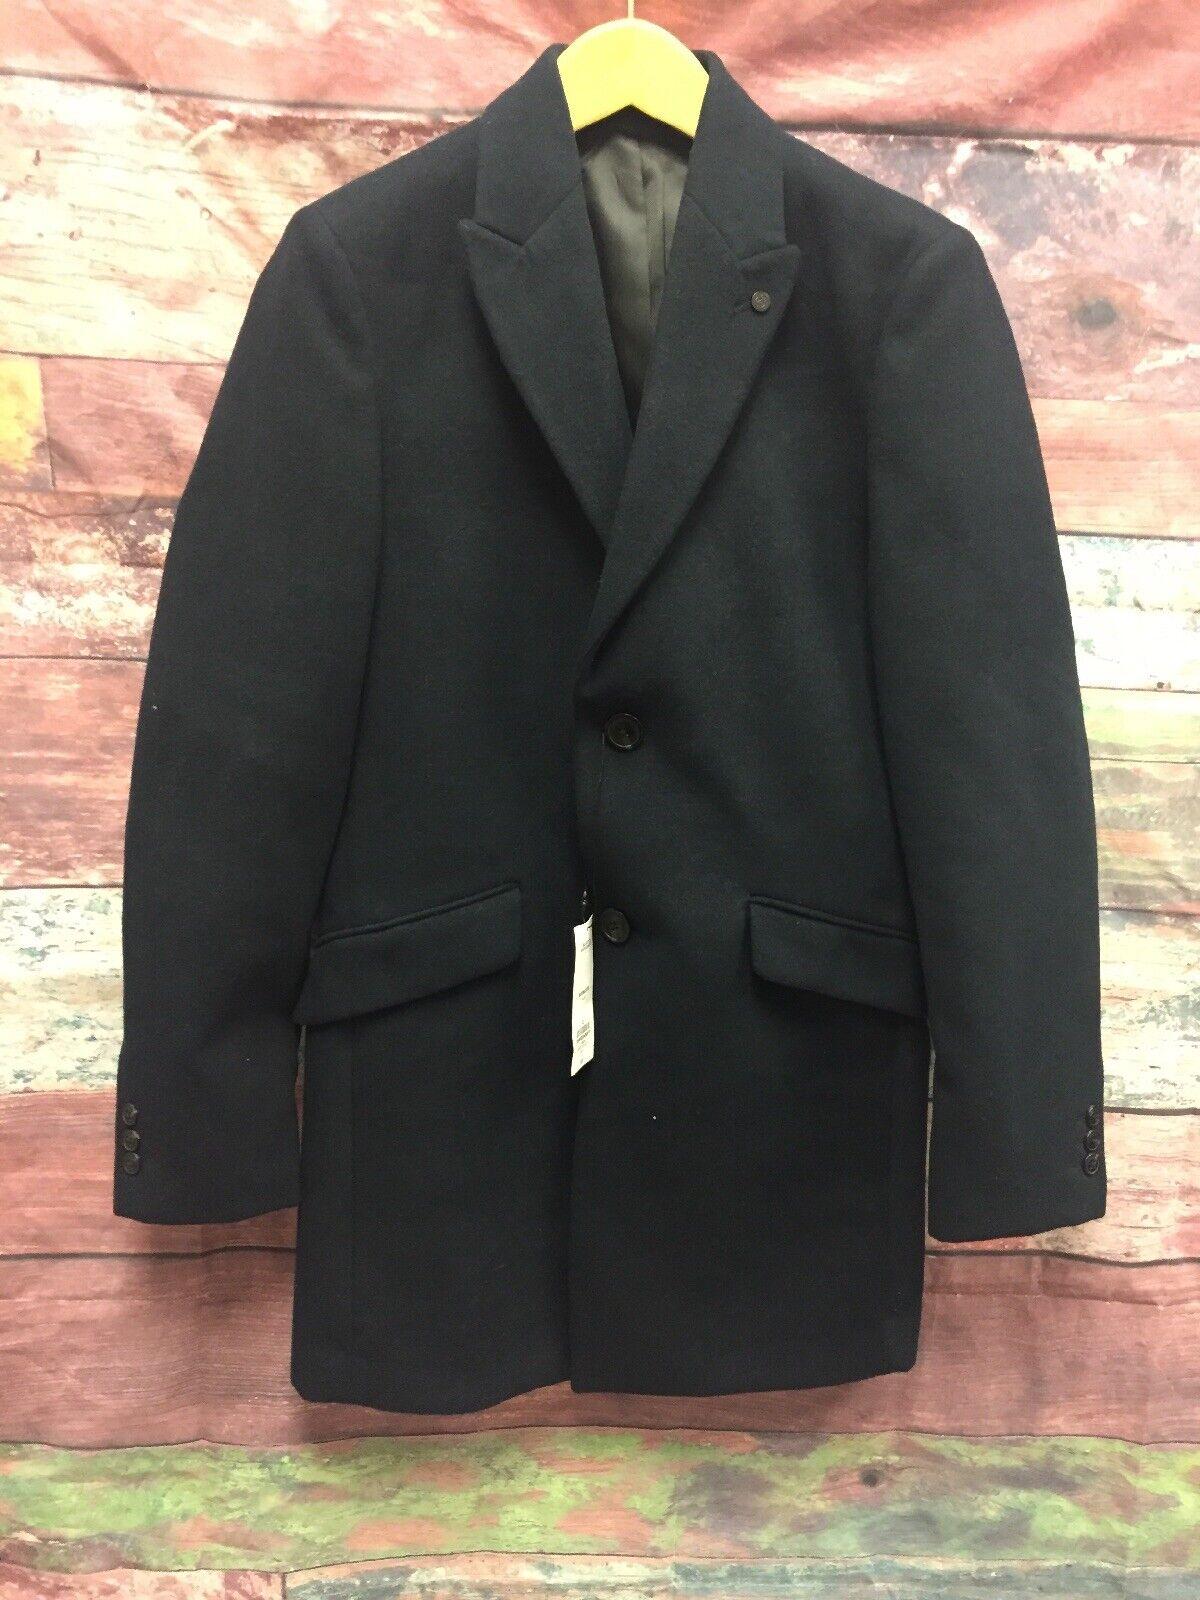 NEW Burton Menswear Blazer 32-34 Chest XS Dark bluee